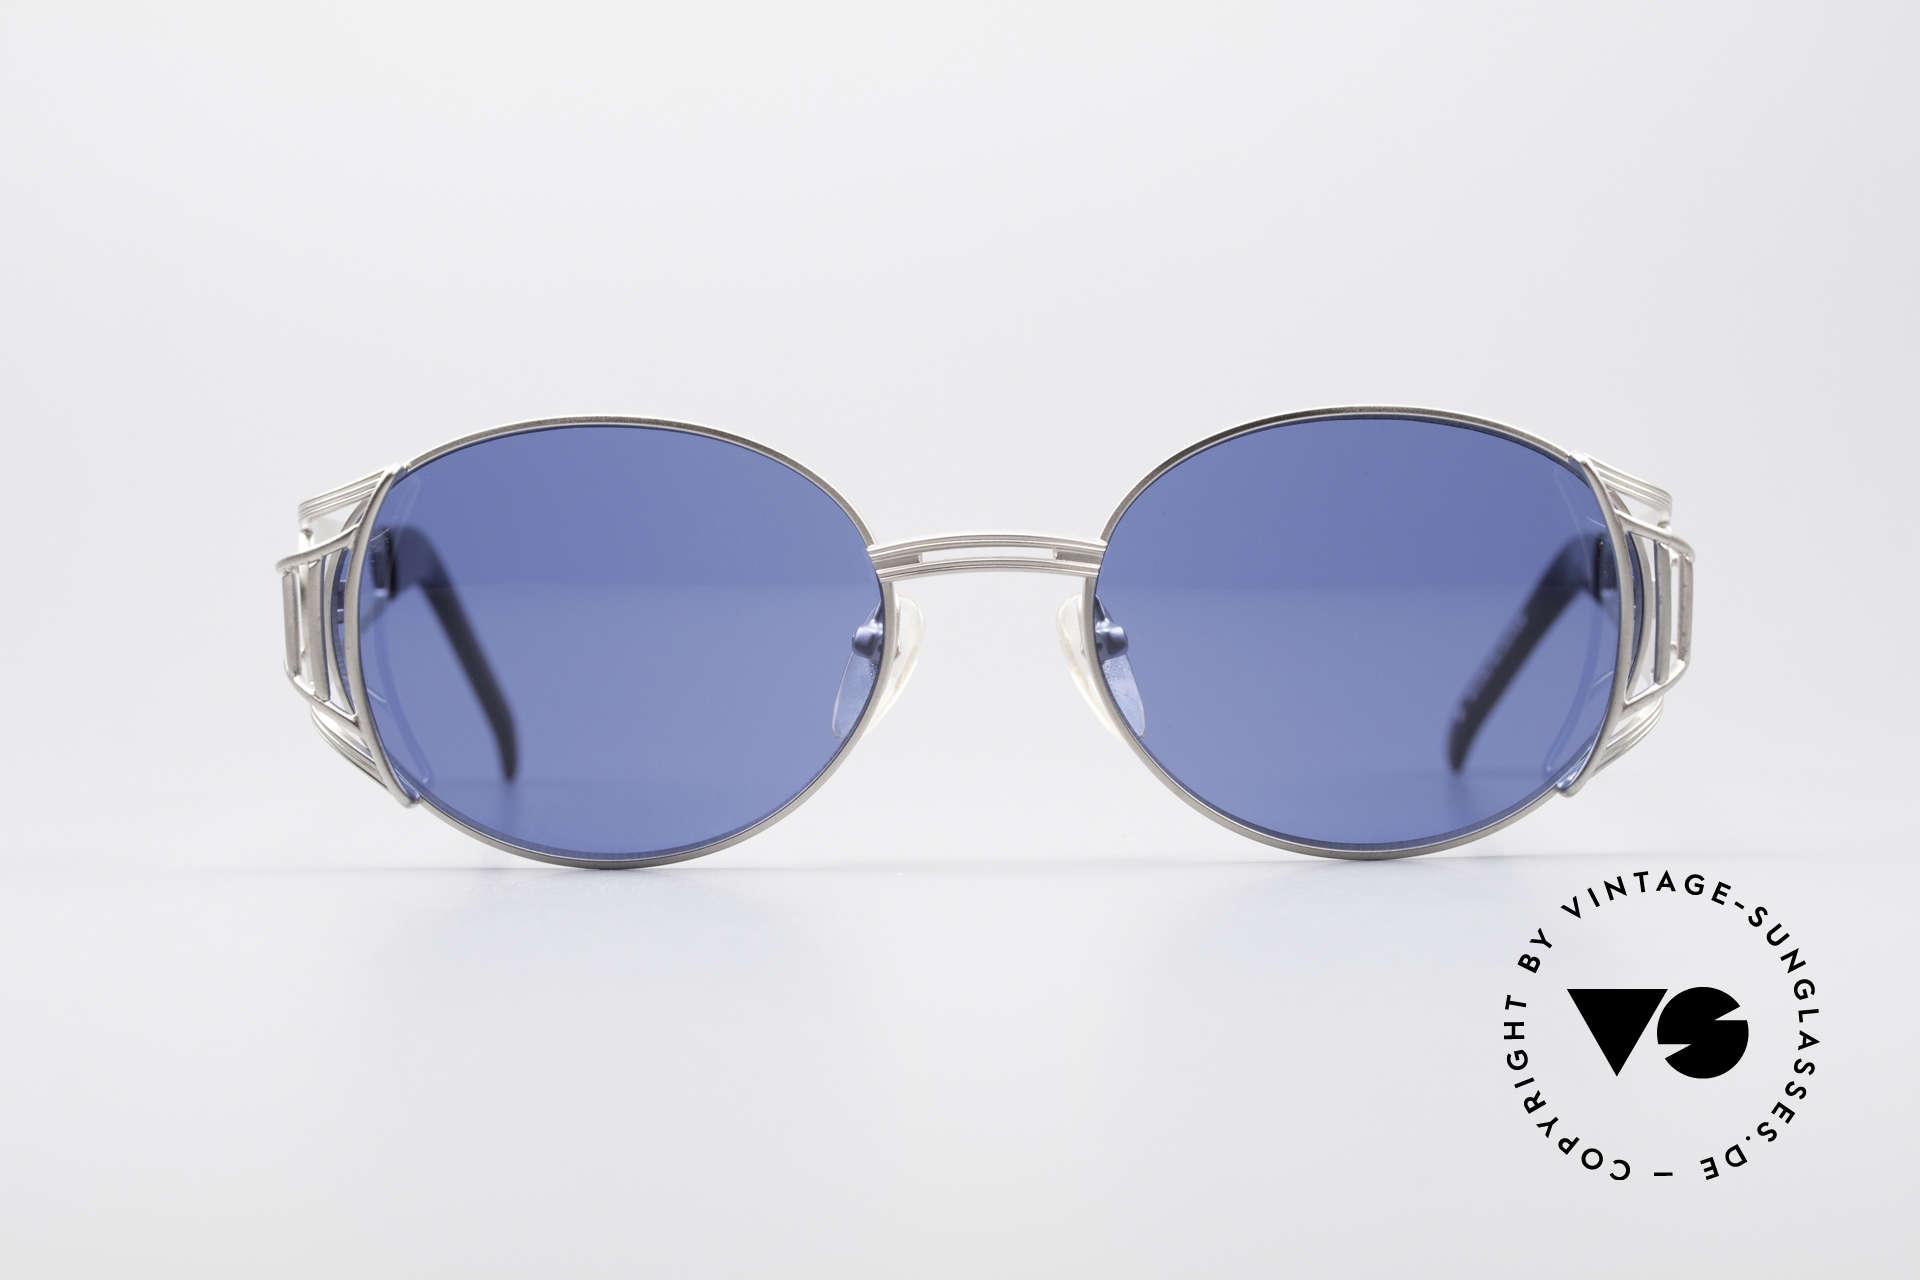 Jean Paul Gaultier 58-6102 Steampunk Sonnenbrille, Designer-Sonnenbrille von 1997 in Titanium-Grau, Passend für Herren und Damen